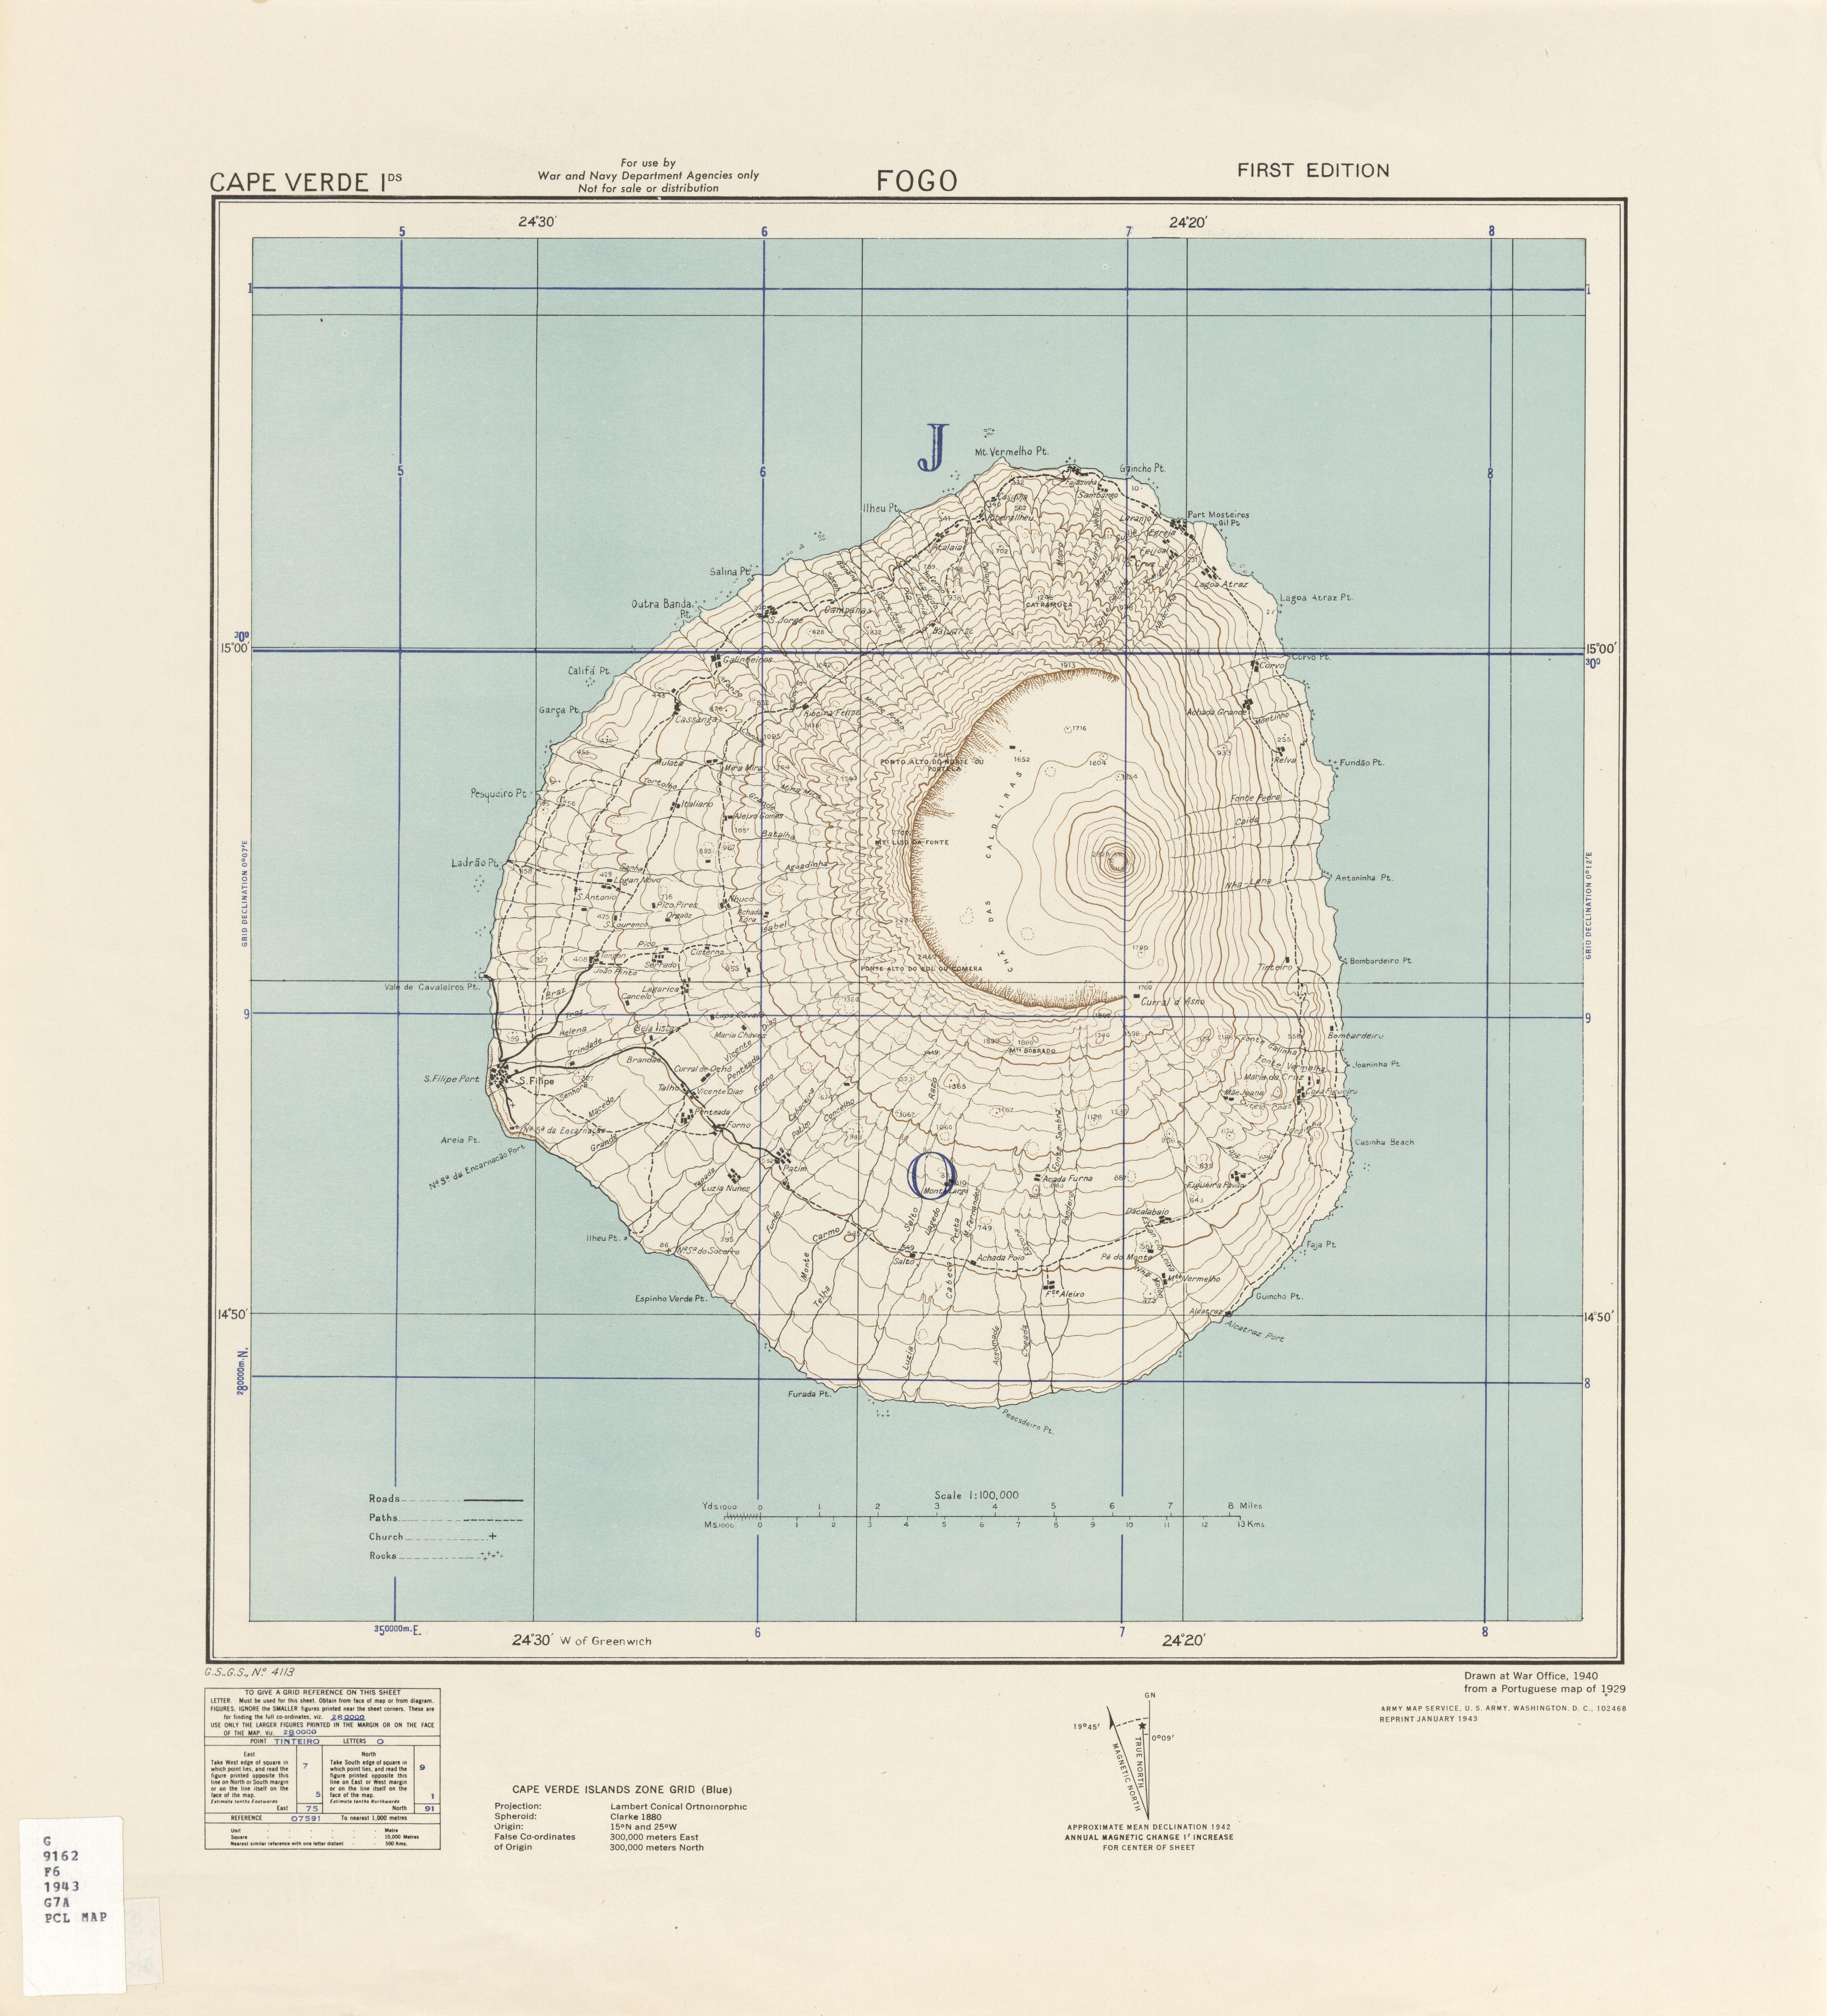 Cape Verde Fogo Series 4113 1 100 000